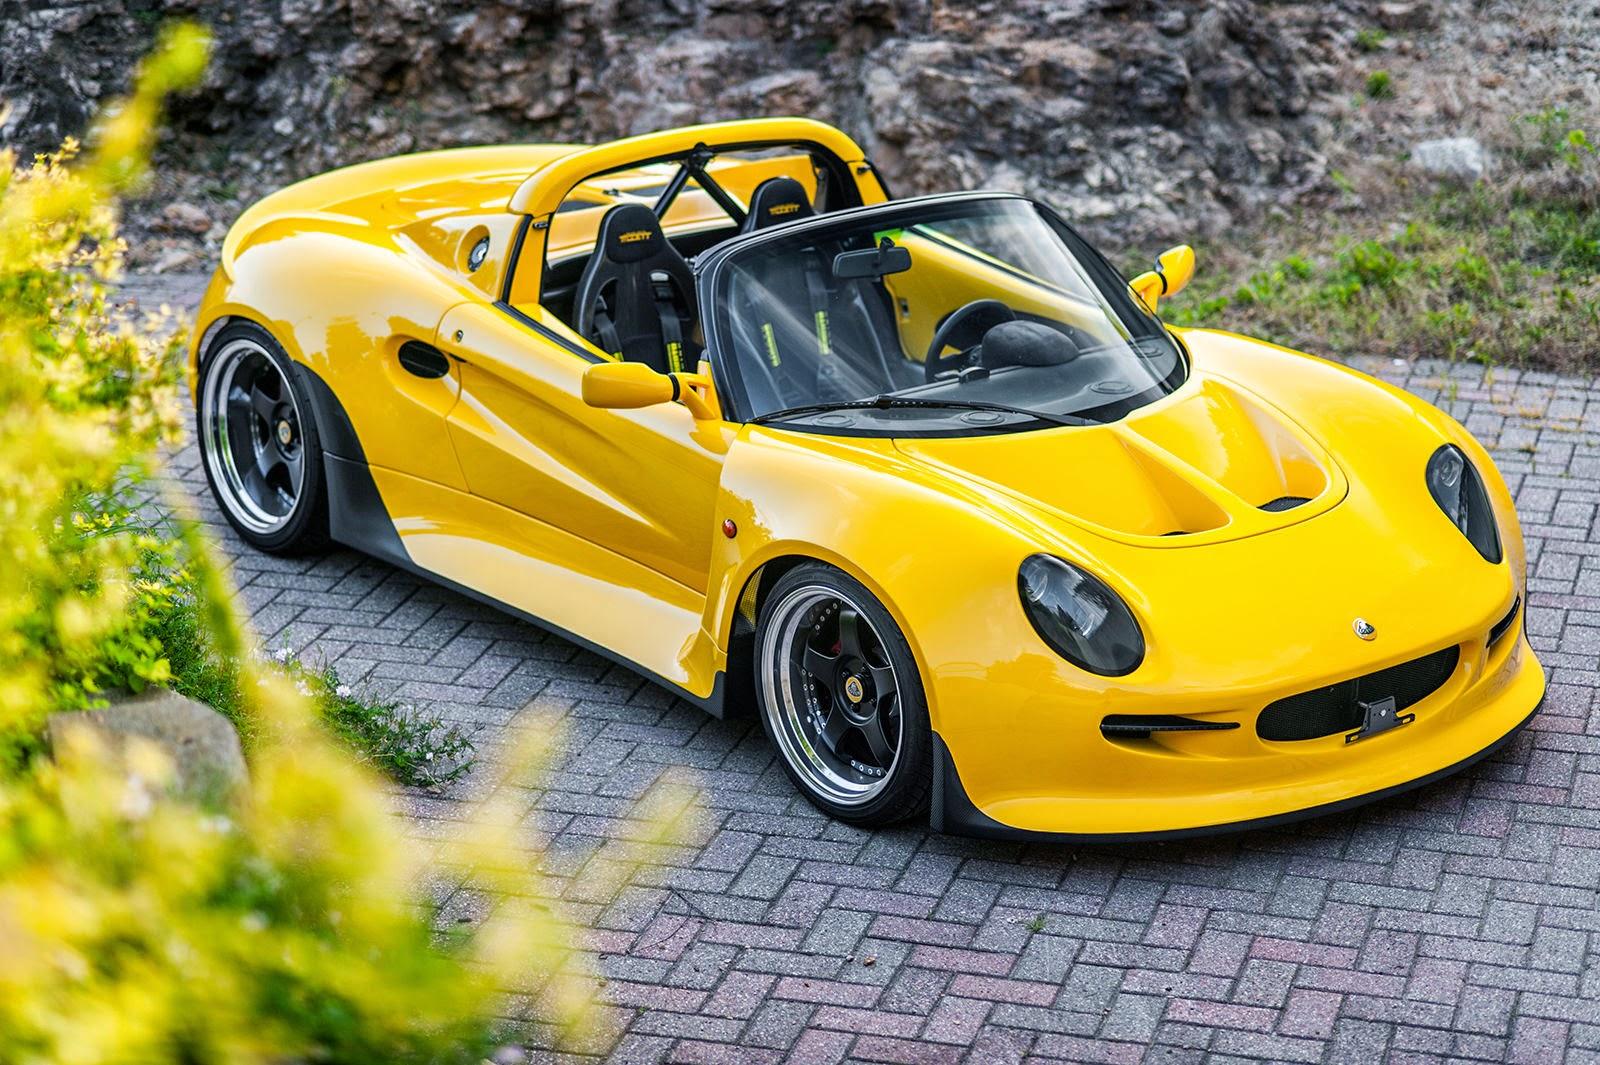 1999 lotus elise gt widebody roadster